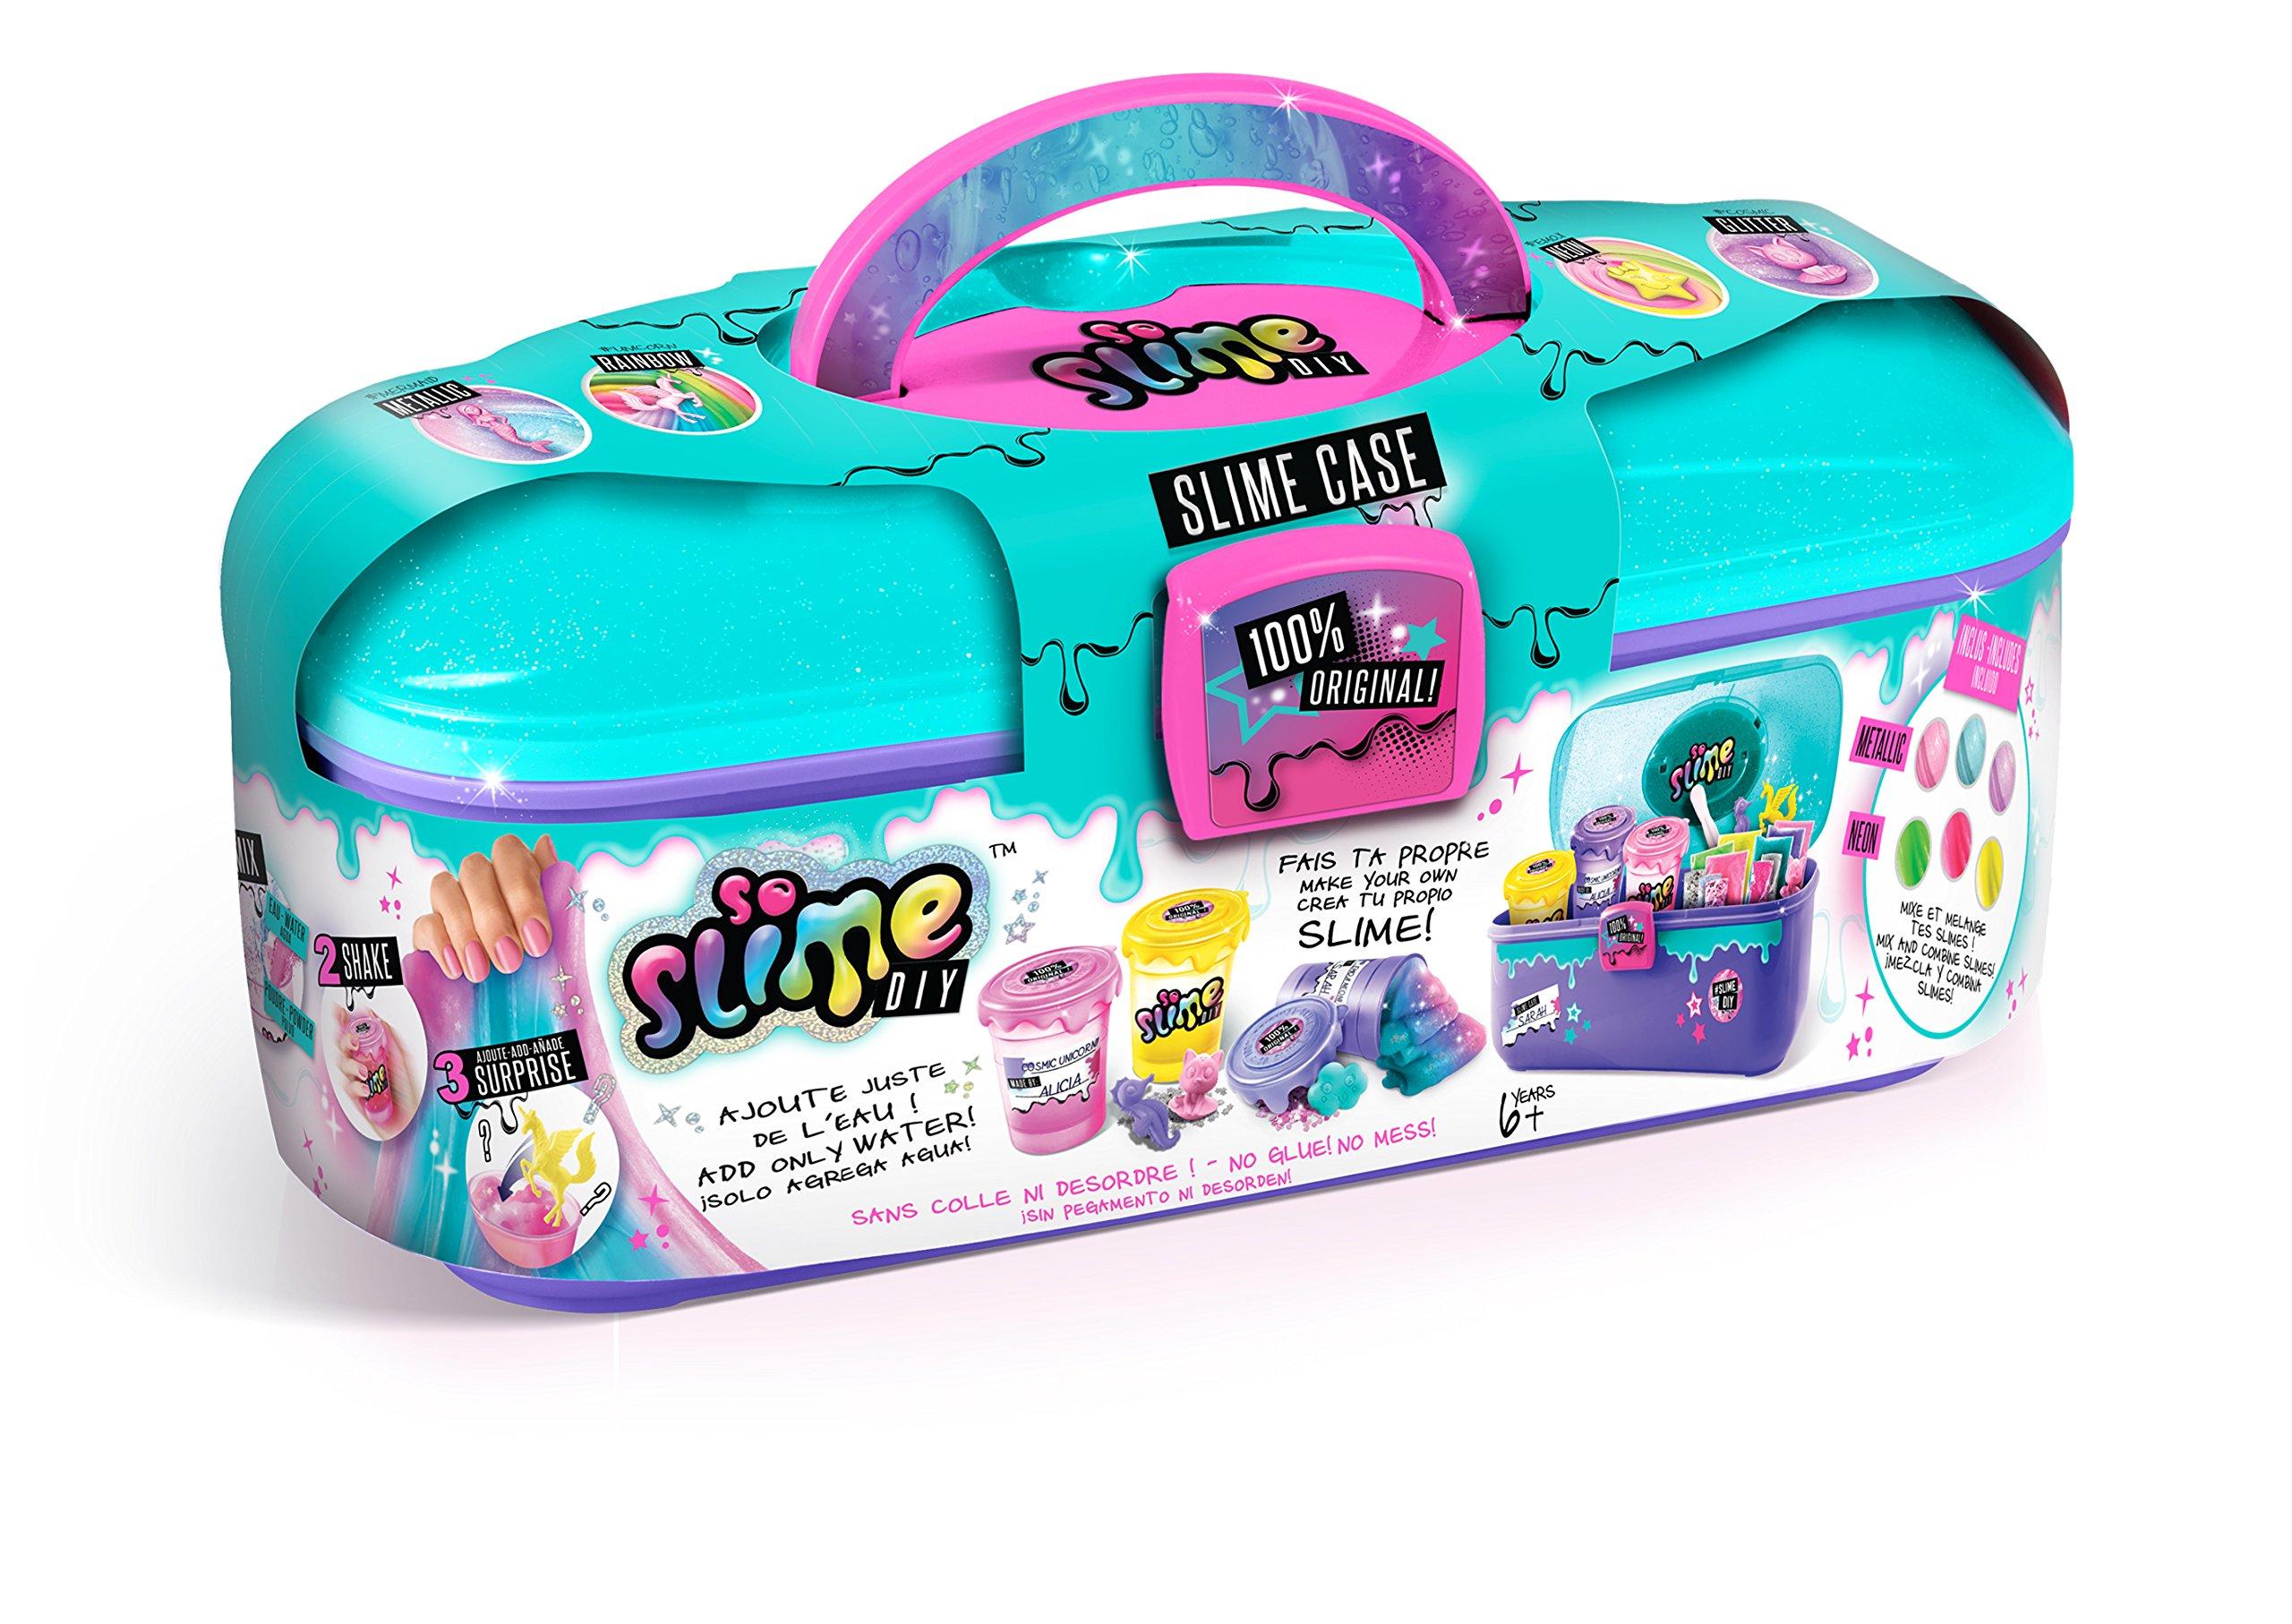 So slime diy case slime kit no glue no mess make your own kids fun so slime diy case slime kit no glue no mess make your own kids fun set solutioingenieria Images